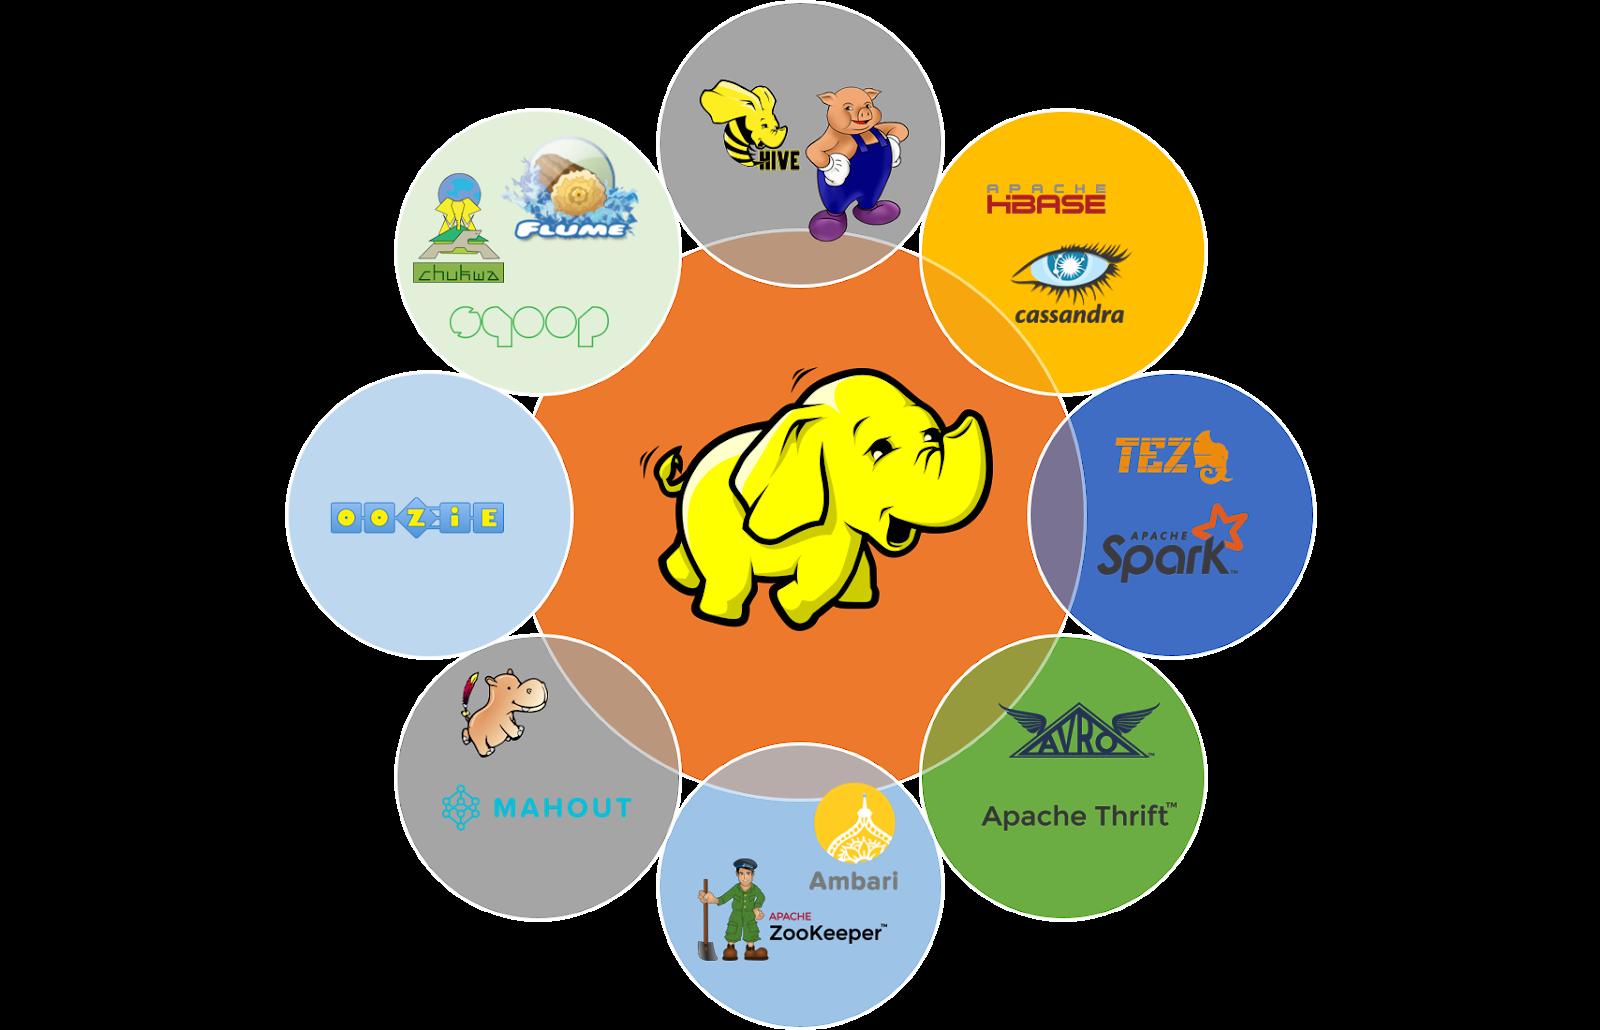 hadoop ecosystem-datacloudschool.com